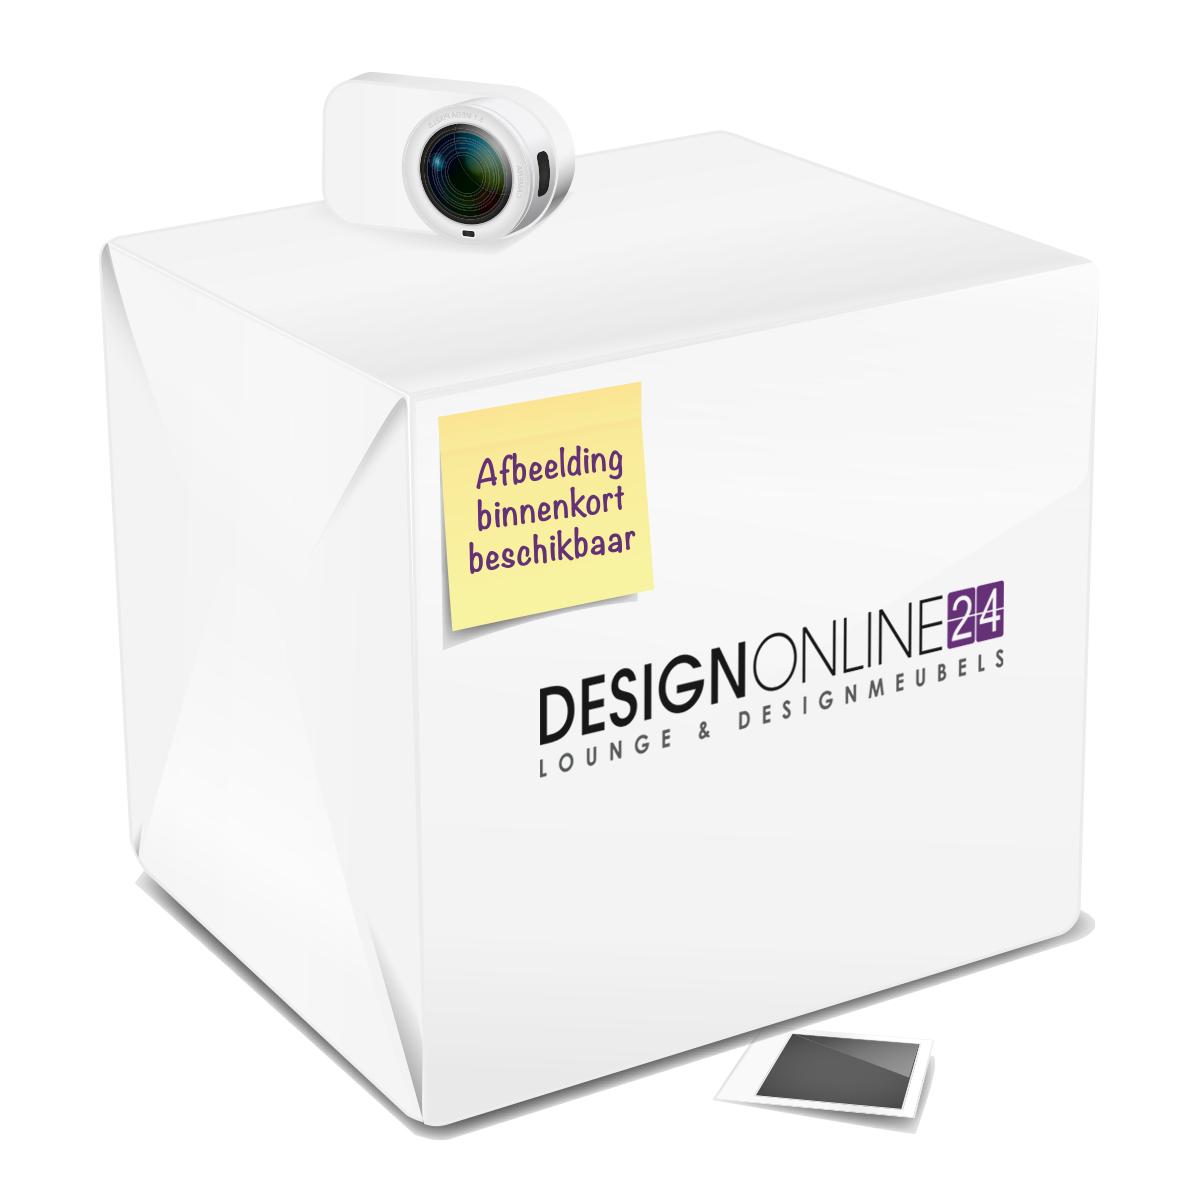 24Designs 24Designs Loungeset voor 4 Personen - Marina - Bruin Polyrattan Wicker met Bruine kussens